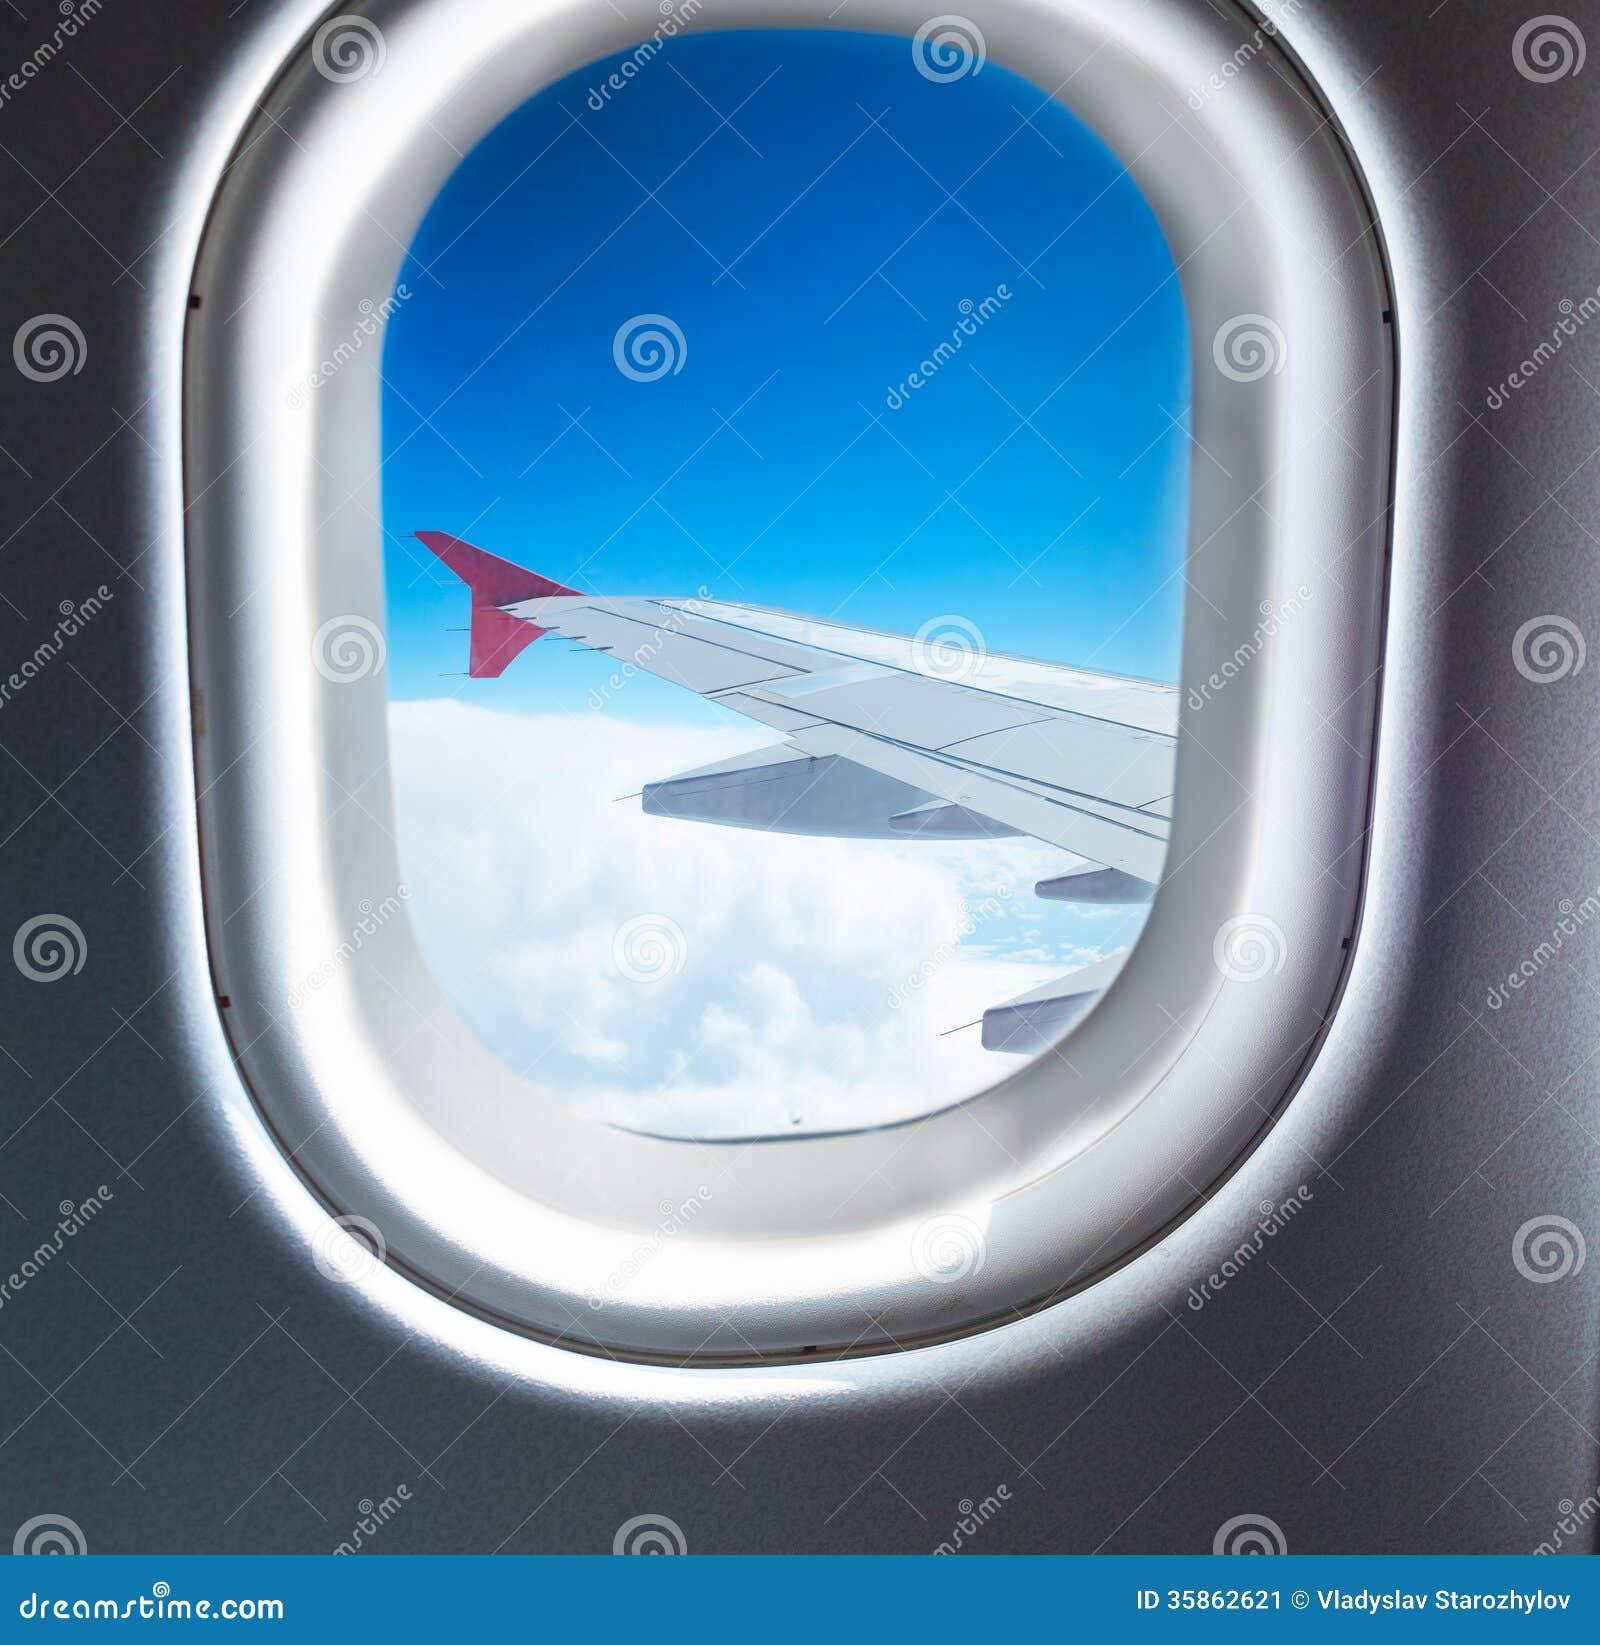 fen tre d 39 avion qui vole au dessus des nuages image stock image 35862621. Black Bedroom Furniture Sets. Home Design Ideas